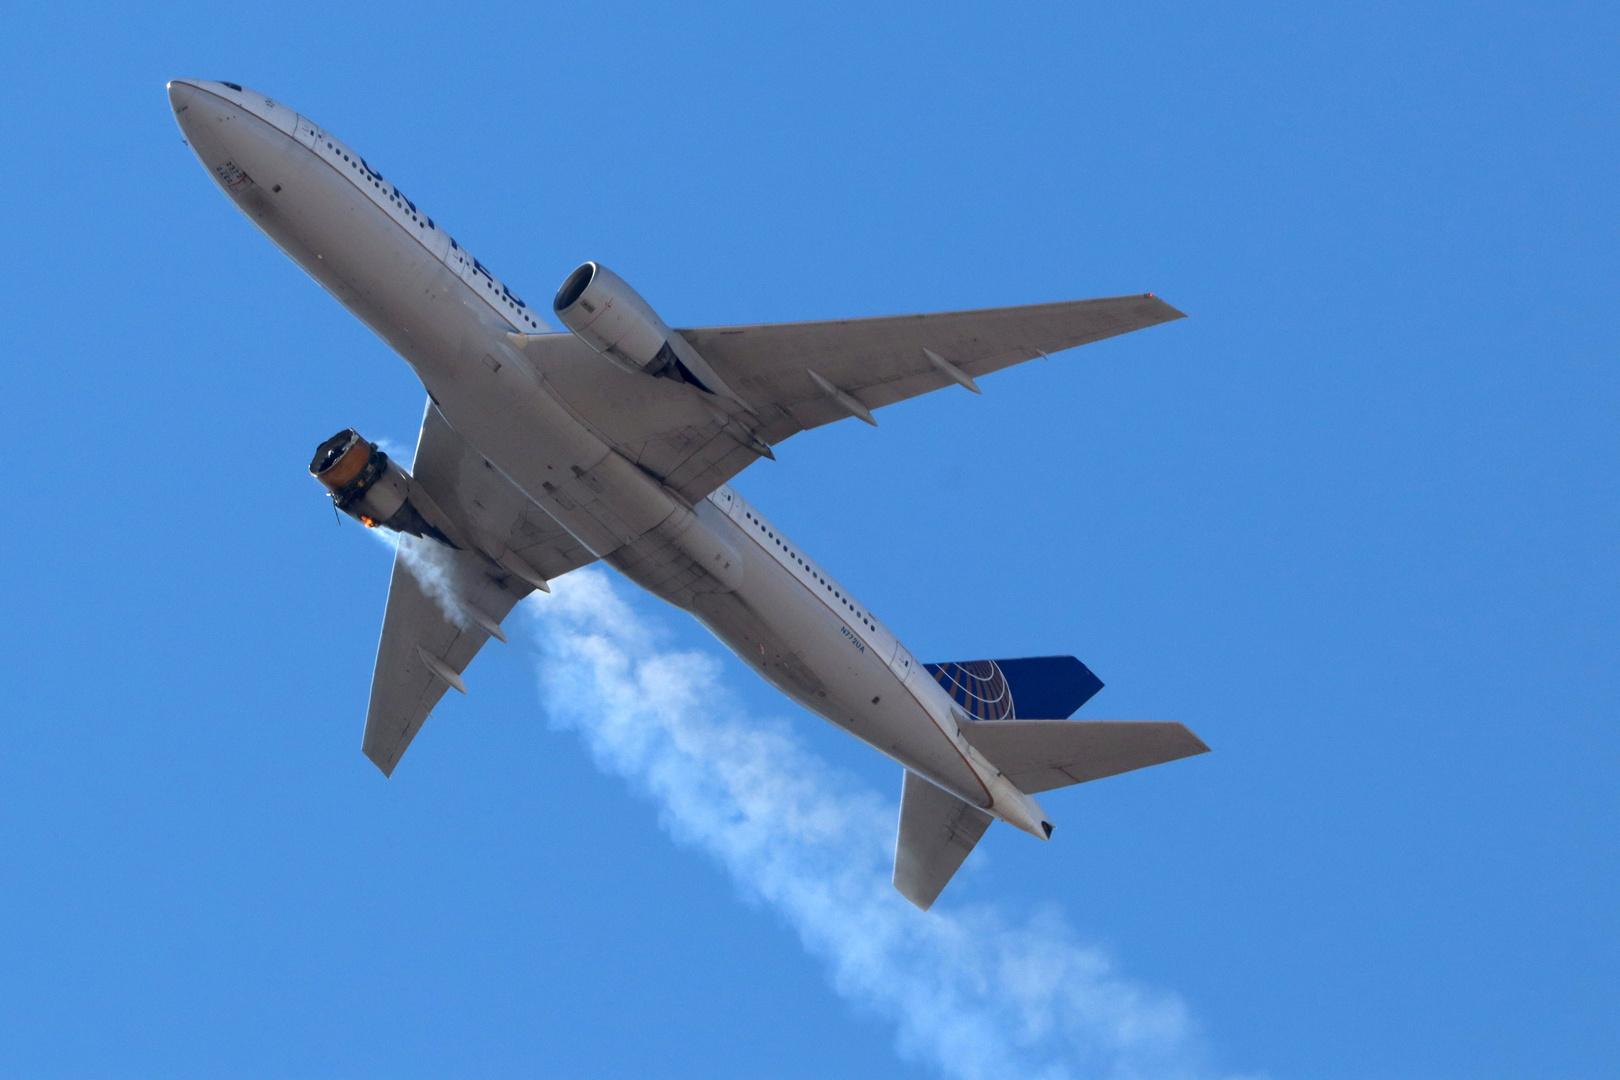 مجلس سلامة النقل: إجهاد المعادن له علاقة بحريق محرك طائرة